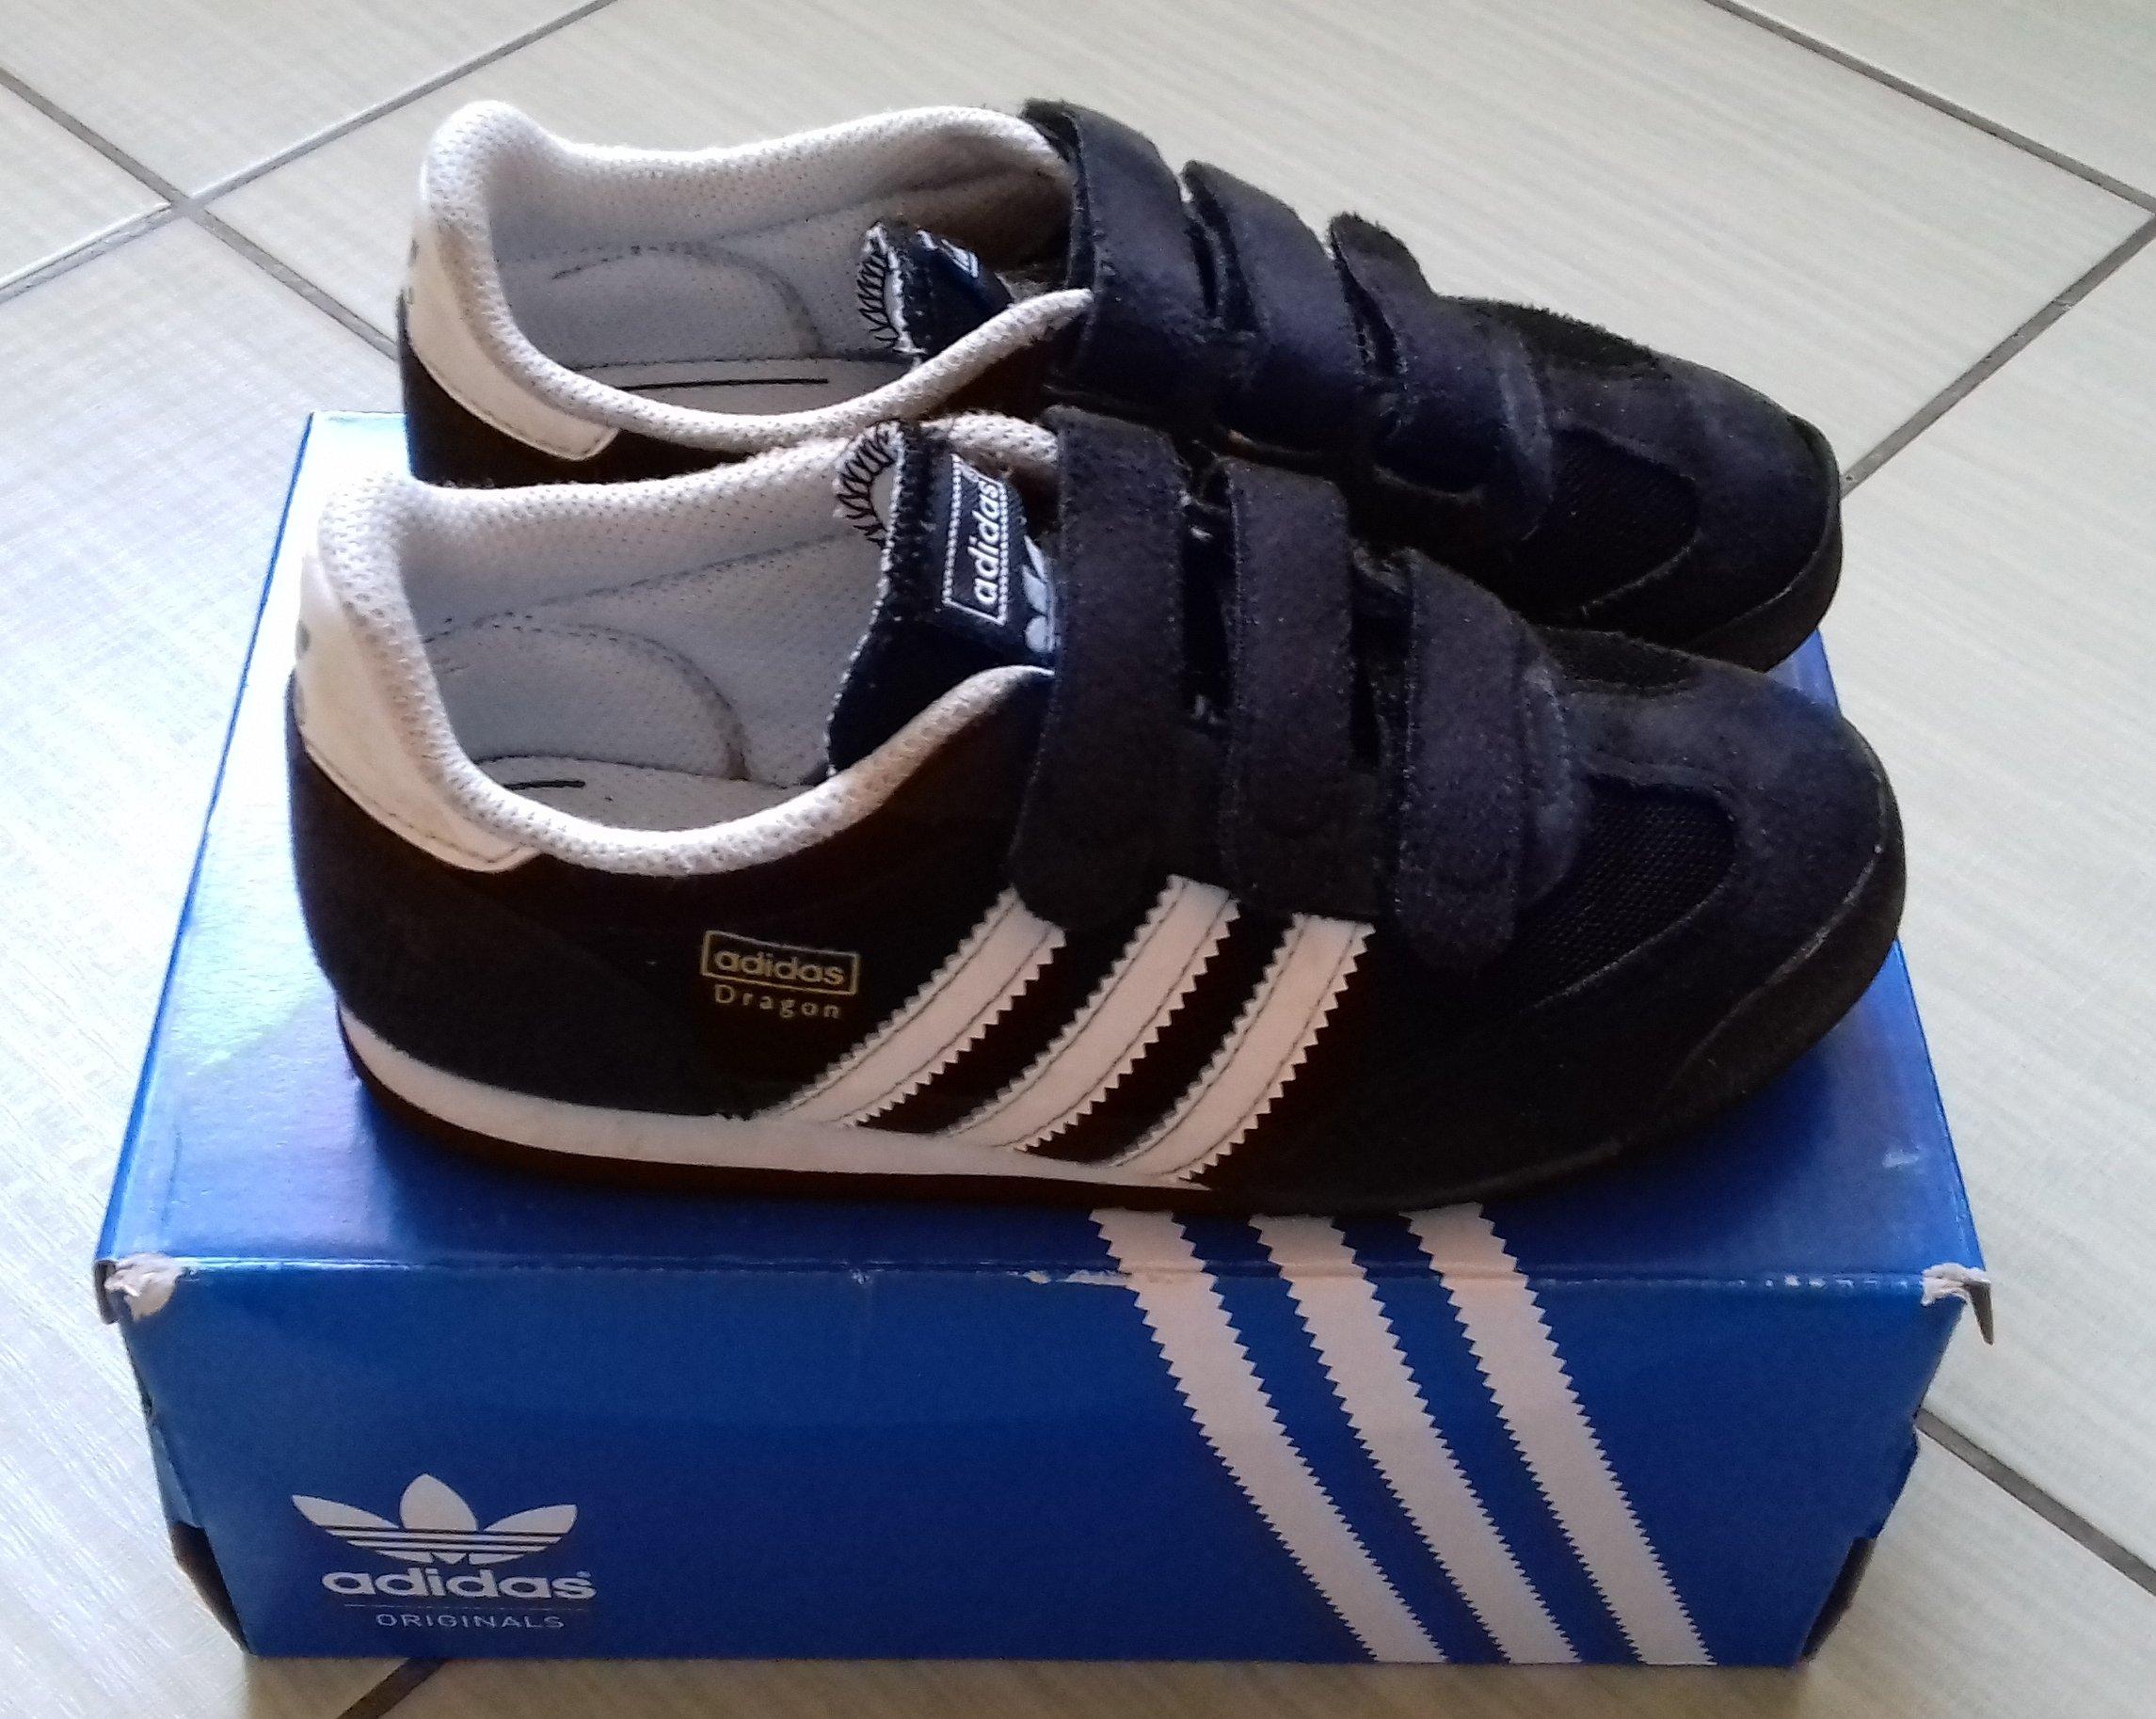 szczegóły dla popularne sklepy zamówienie Buty Adidas dragon chłopiec 31 - 7226764815 - oficjalne ...